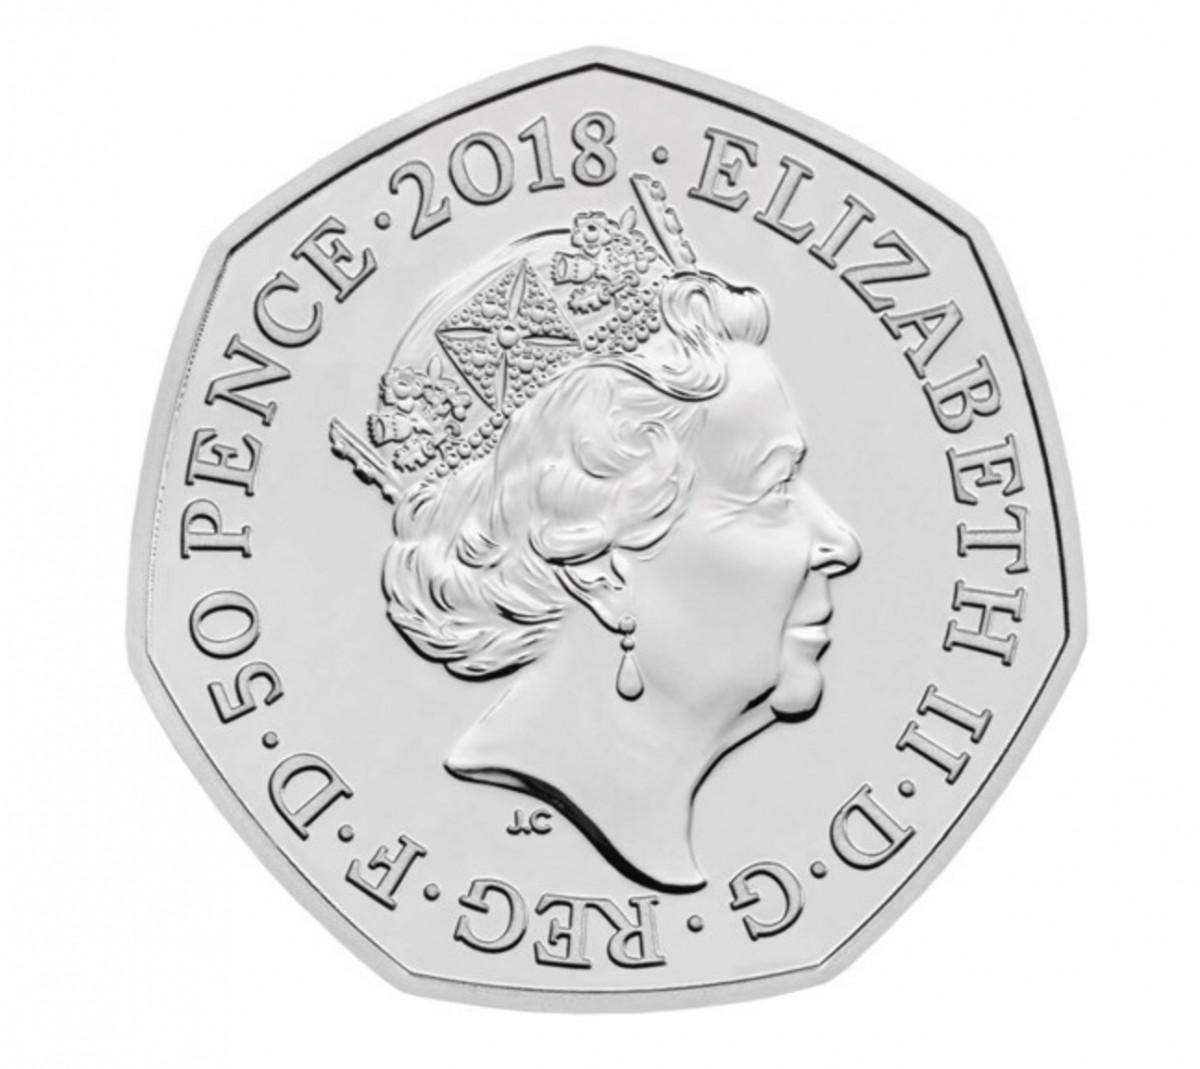 Великобритания 50 пенсов 2018 года Медвежонок Паддингтон у Букингемского дворца  код 20675